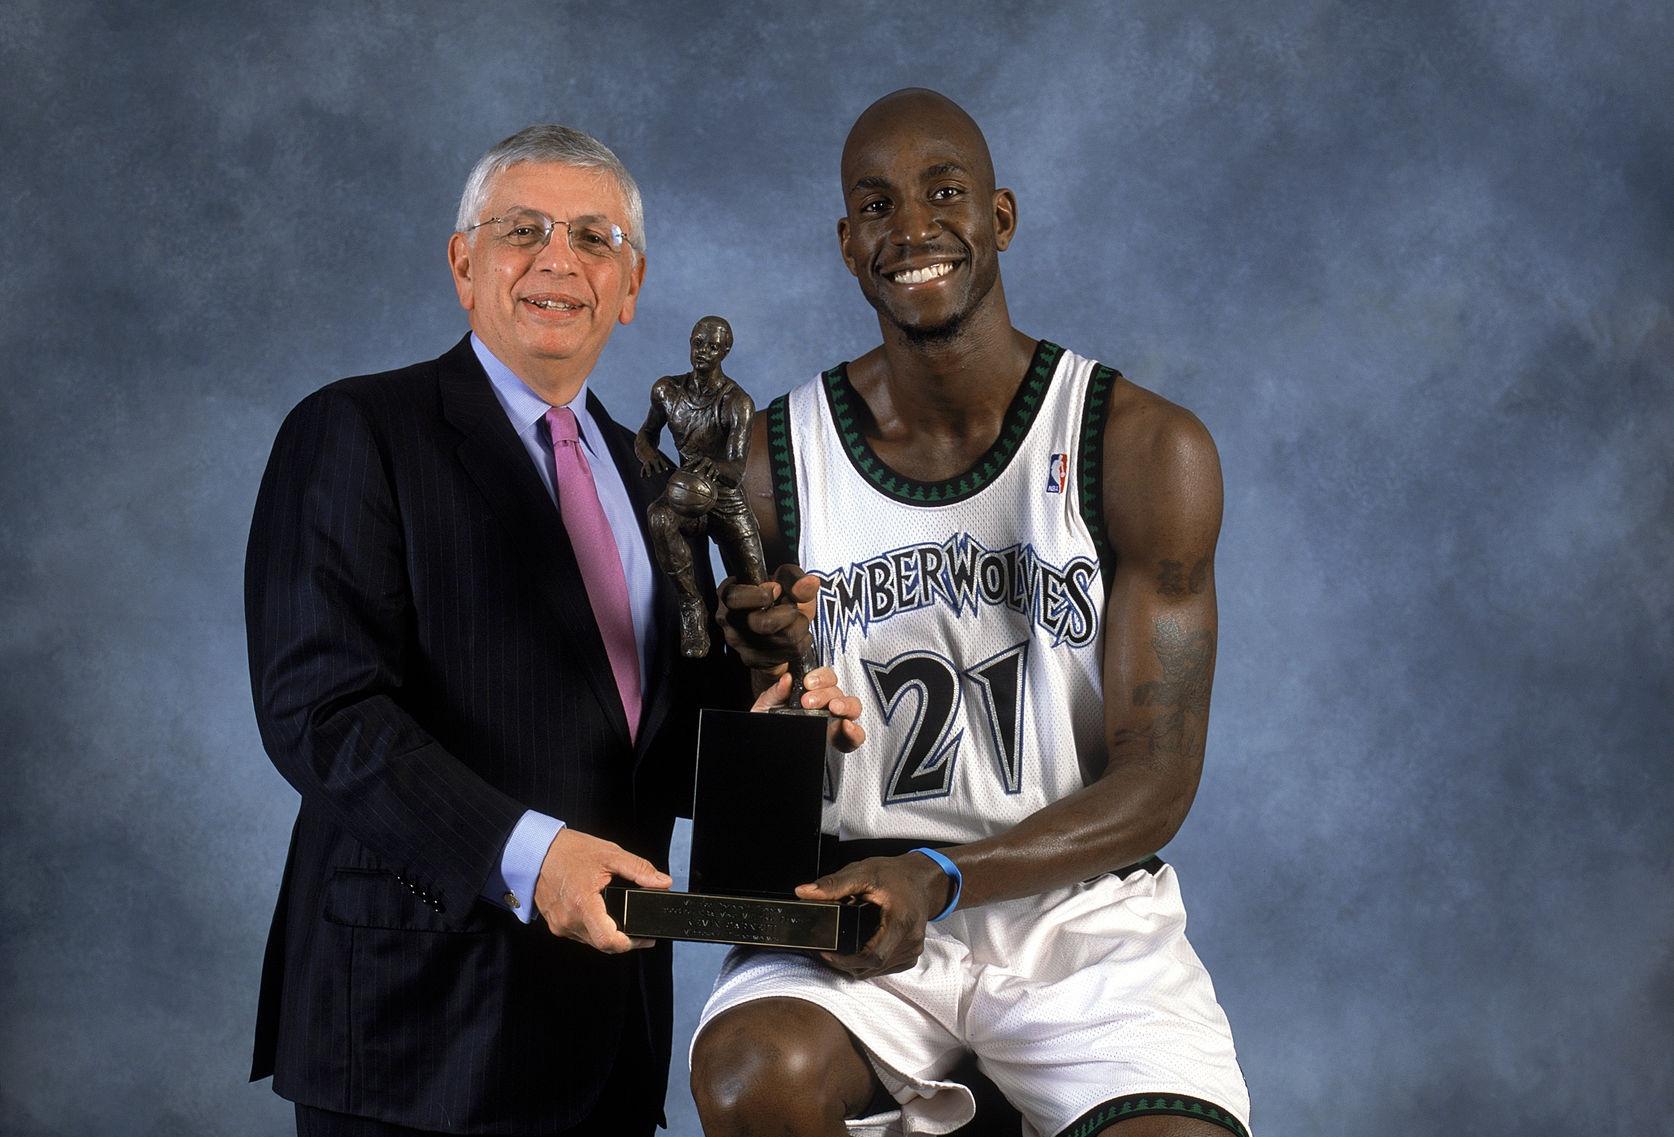 Kevin Garnett, MVP